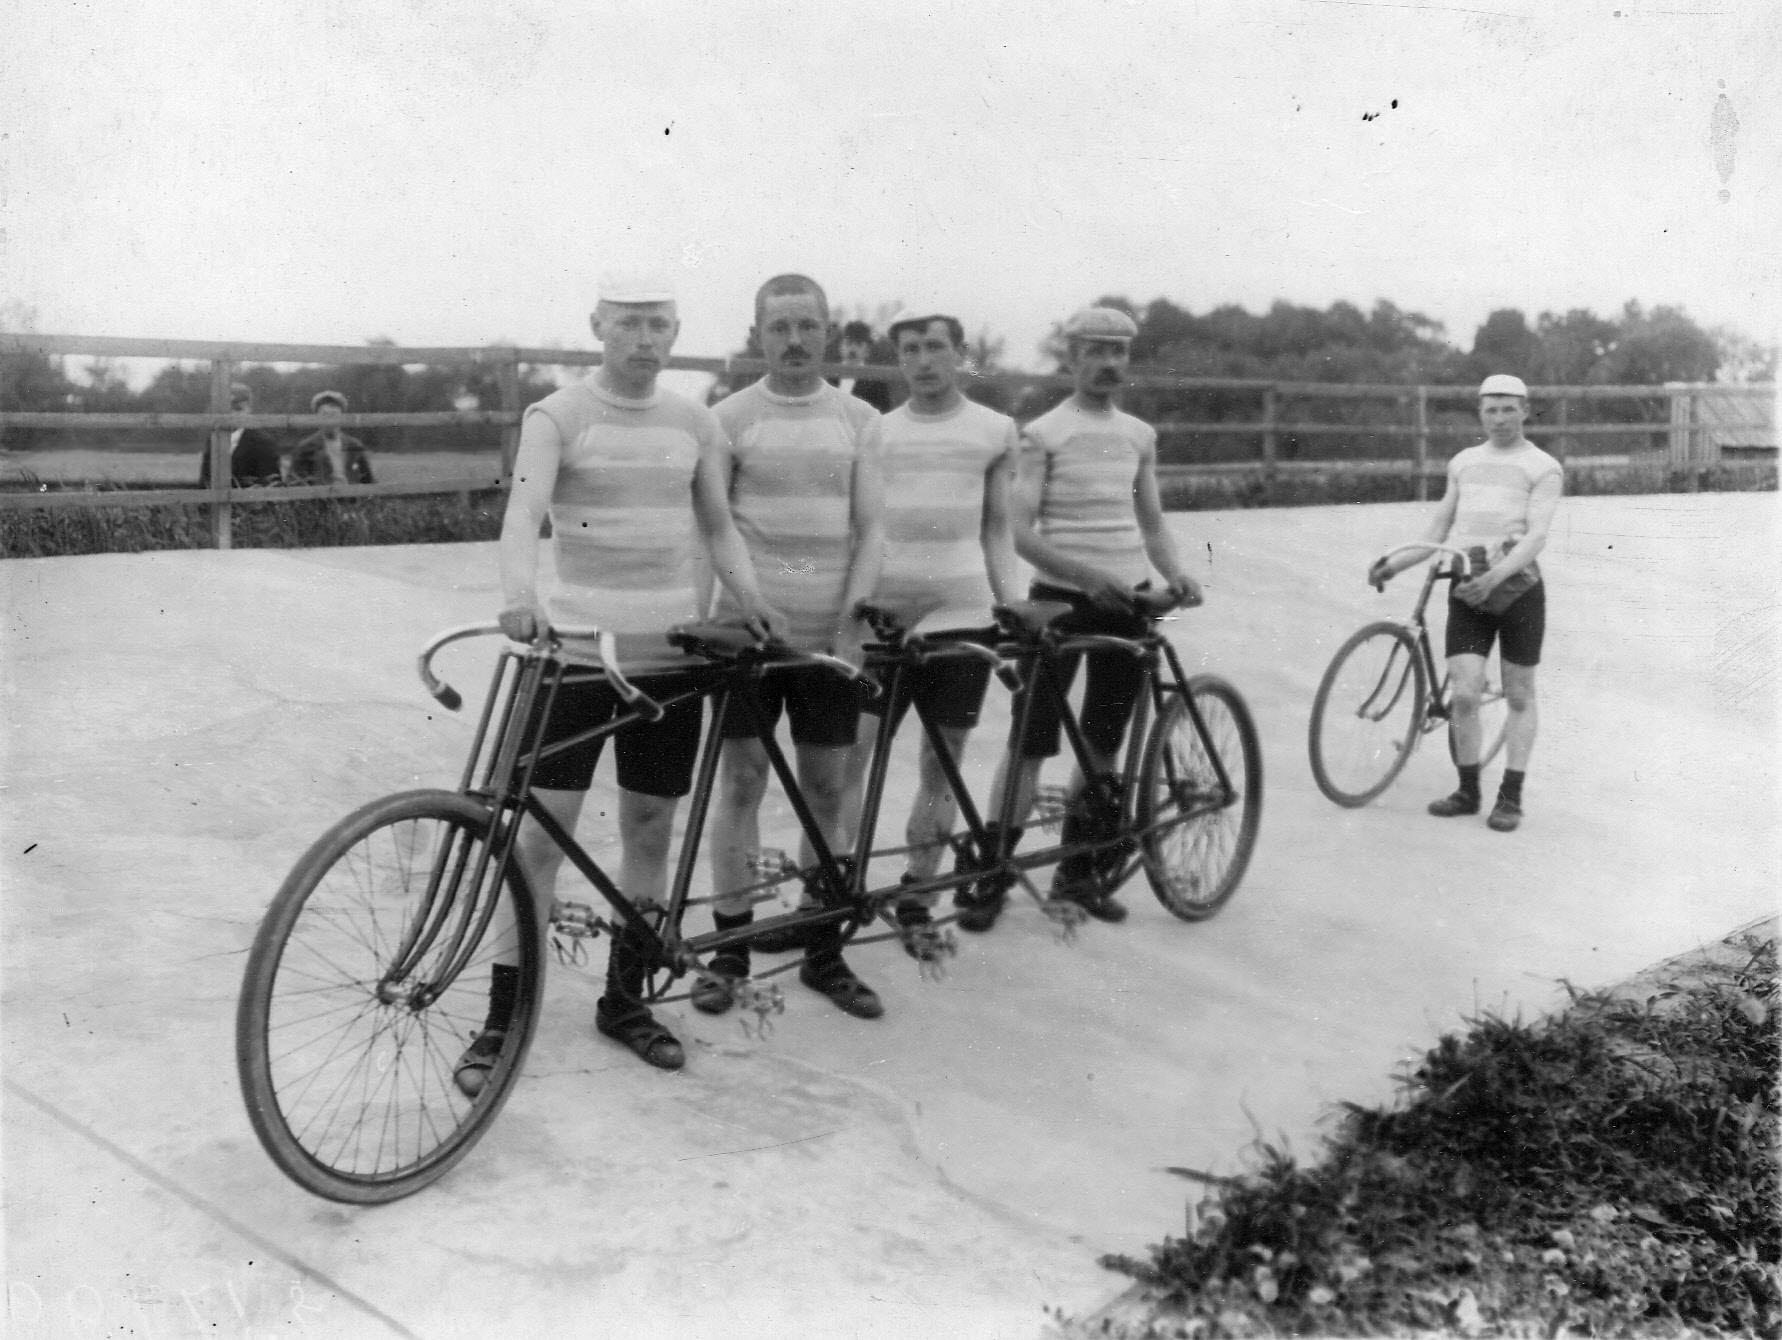 Гоночный четырехместный велосипед